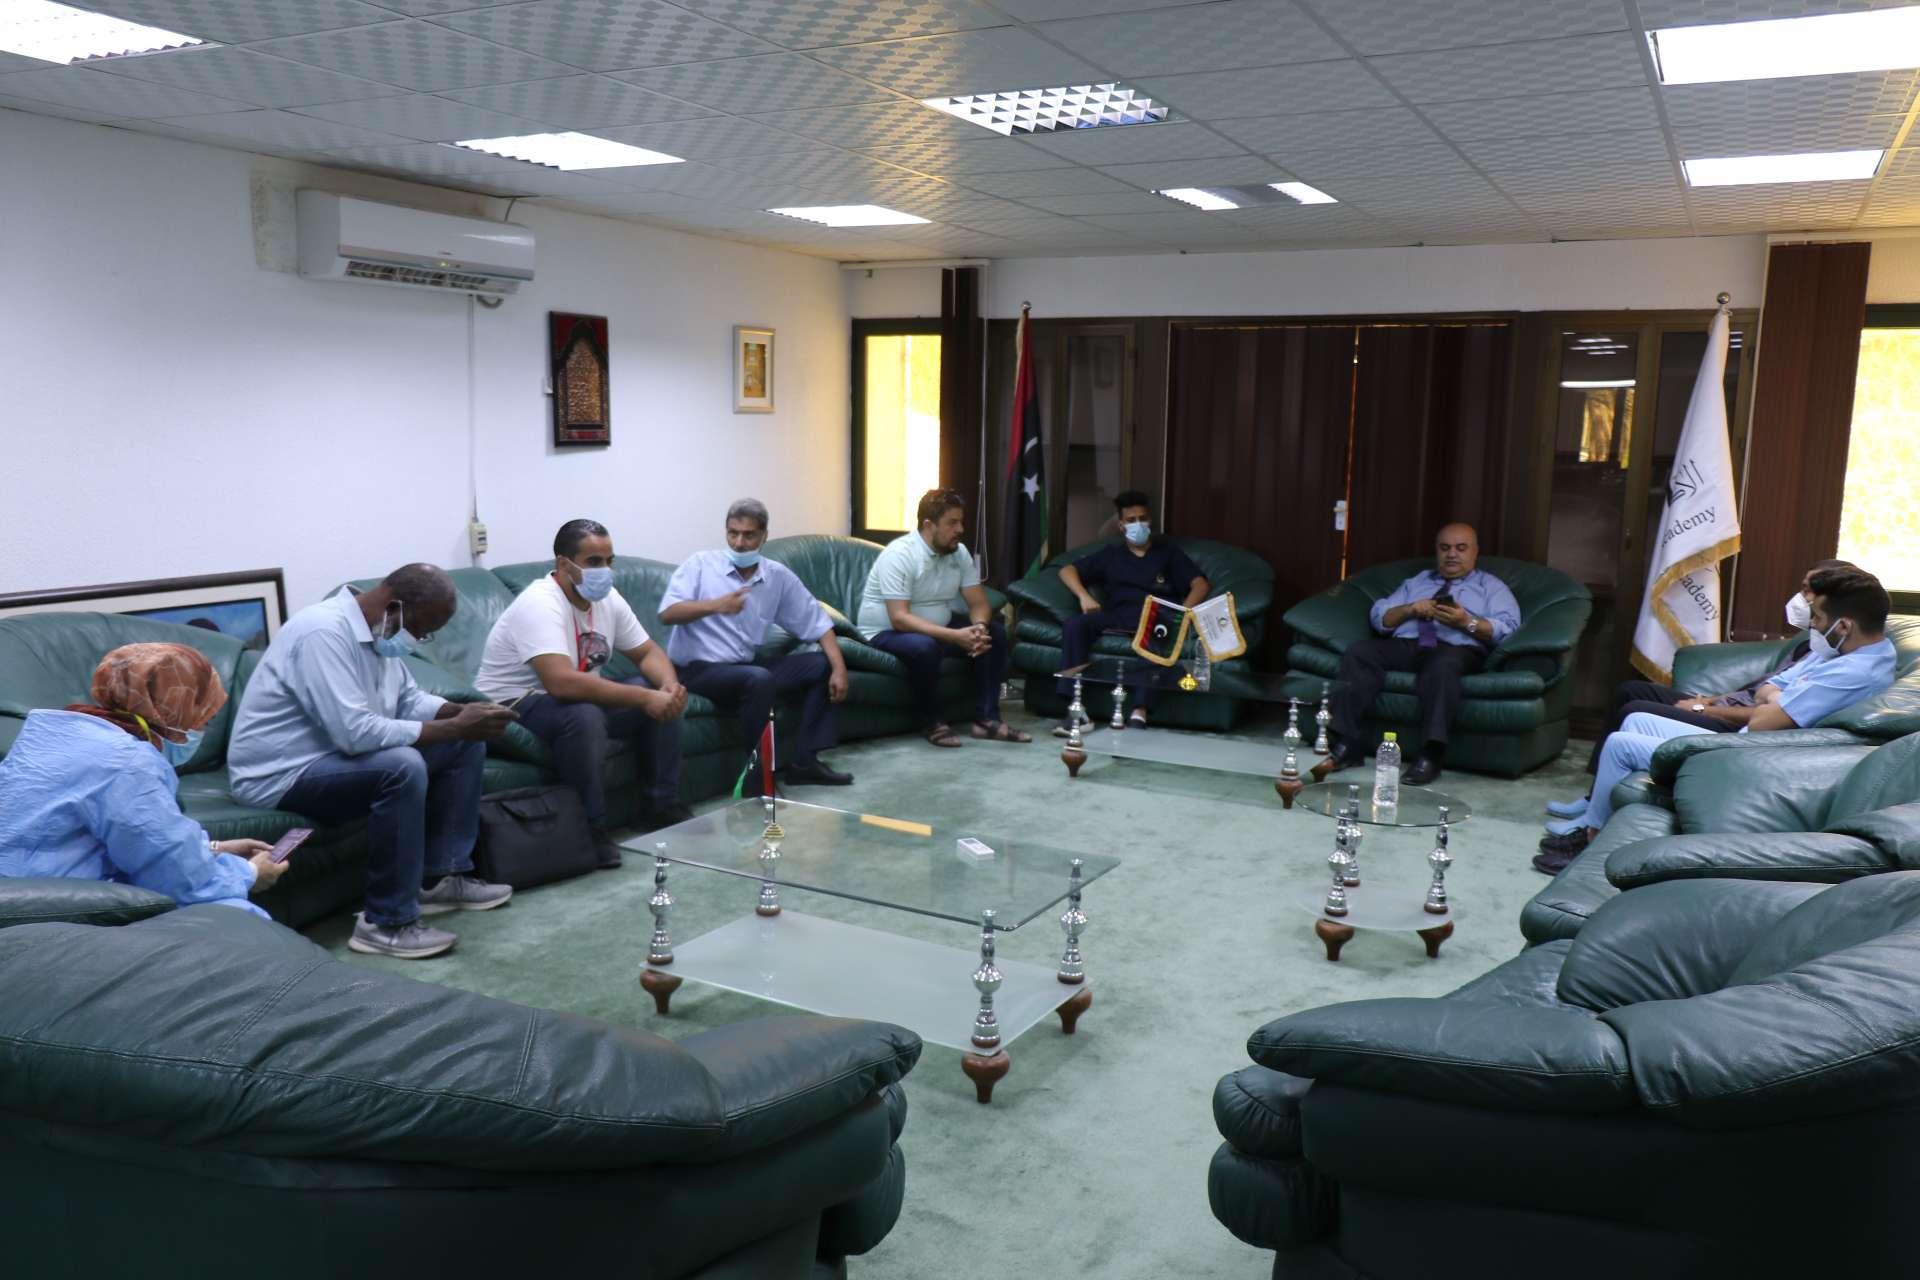 حملة تطعيم ضد فيروس كورونا بالأكاديمية الليبية